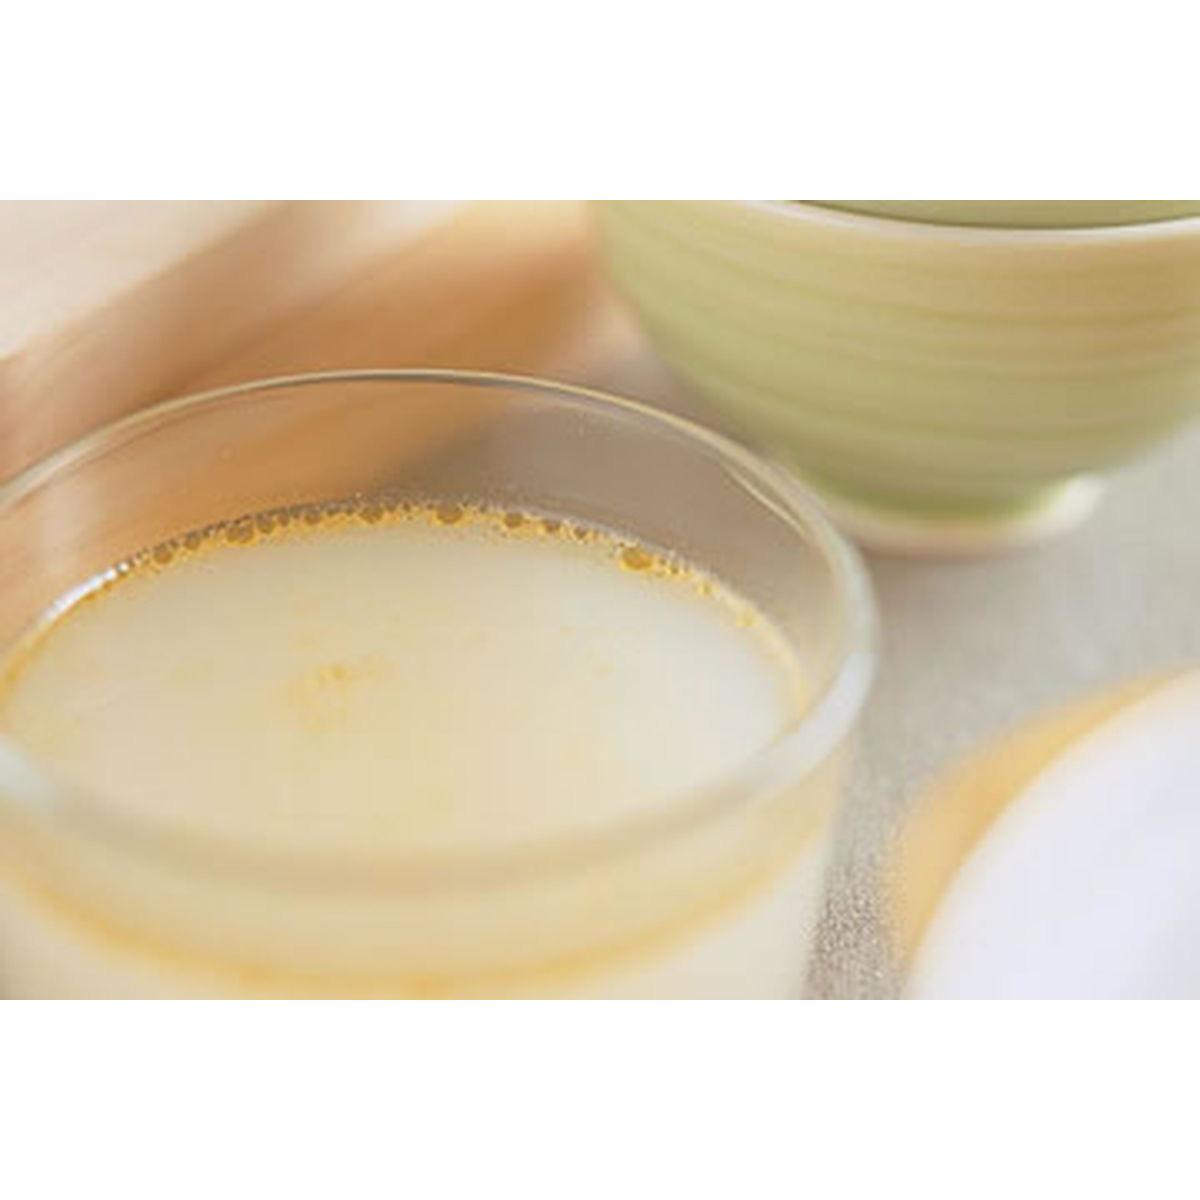 食譜:煮出清澈的高湯